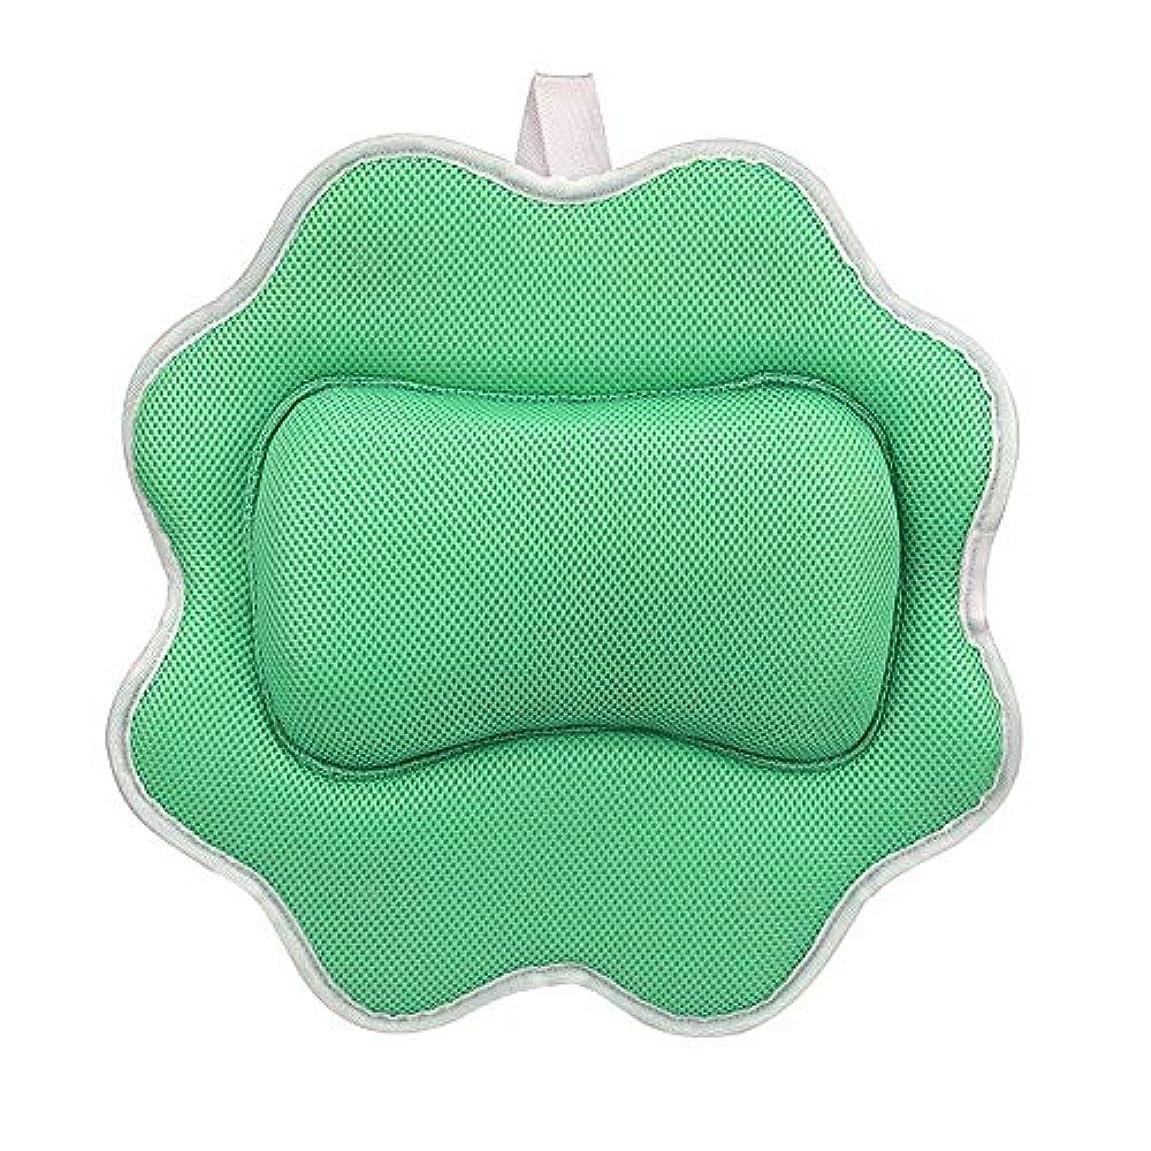 レベル感覚計画サンフラワーバスピロースパマッサージ枕用アップグレード5 dエアーメッシュ技術あなたの肌と首を保護、洗濯機で洗えます